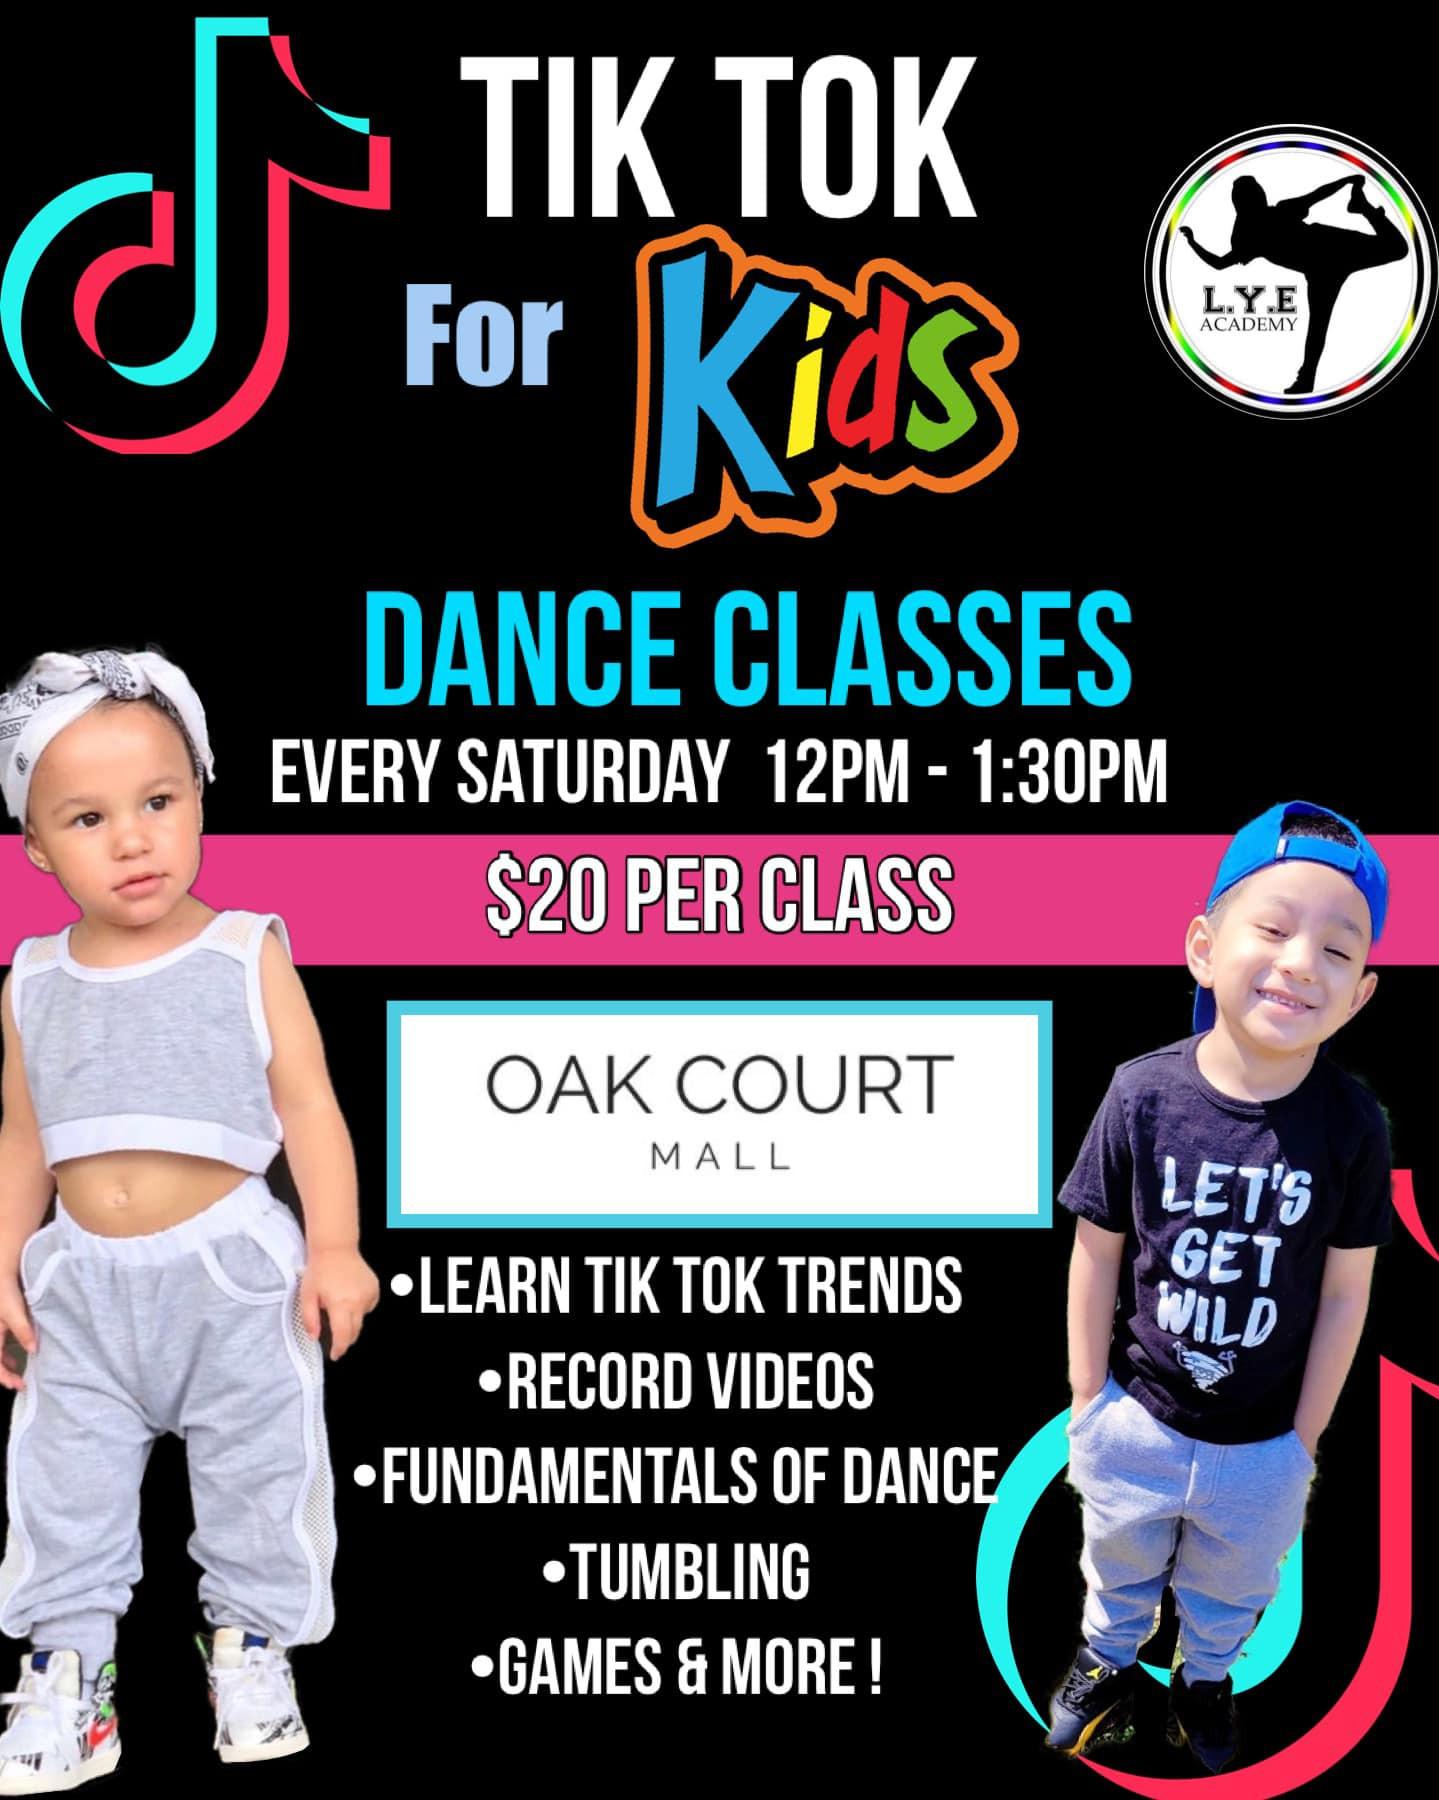 TIKTOK for Kids OAK COURT MALL